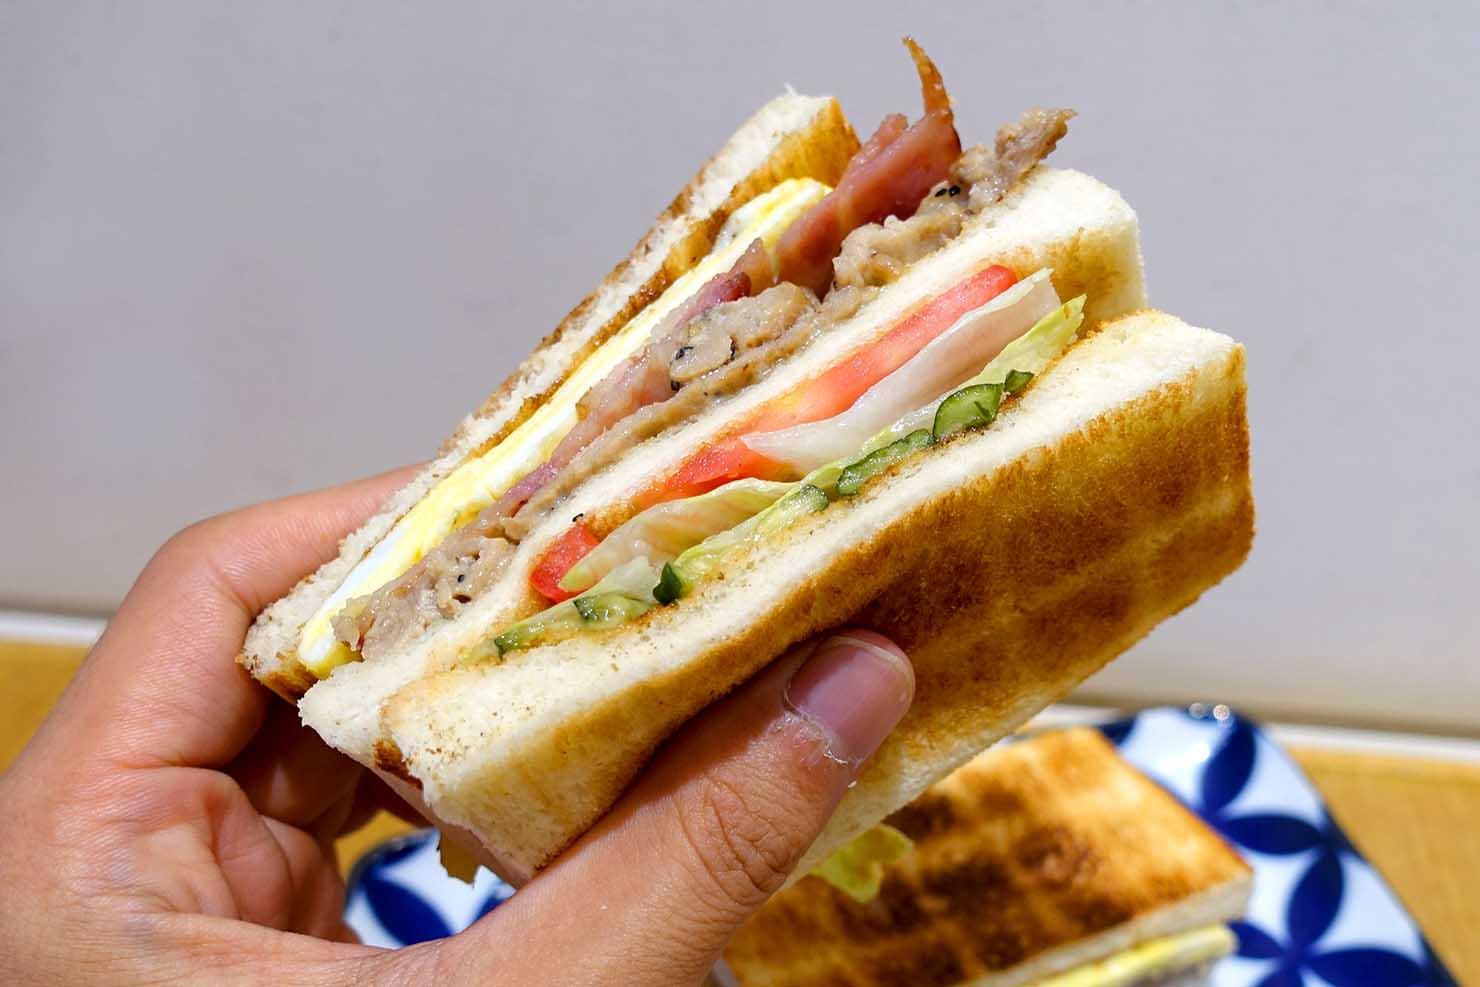 台北・西門町のおすすめ朝ごはん屋さん「山文治」の雙肉蛋文治(ホットサンドイッチ)クローズアップ